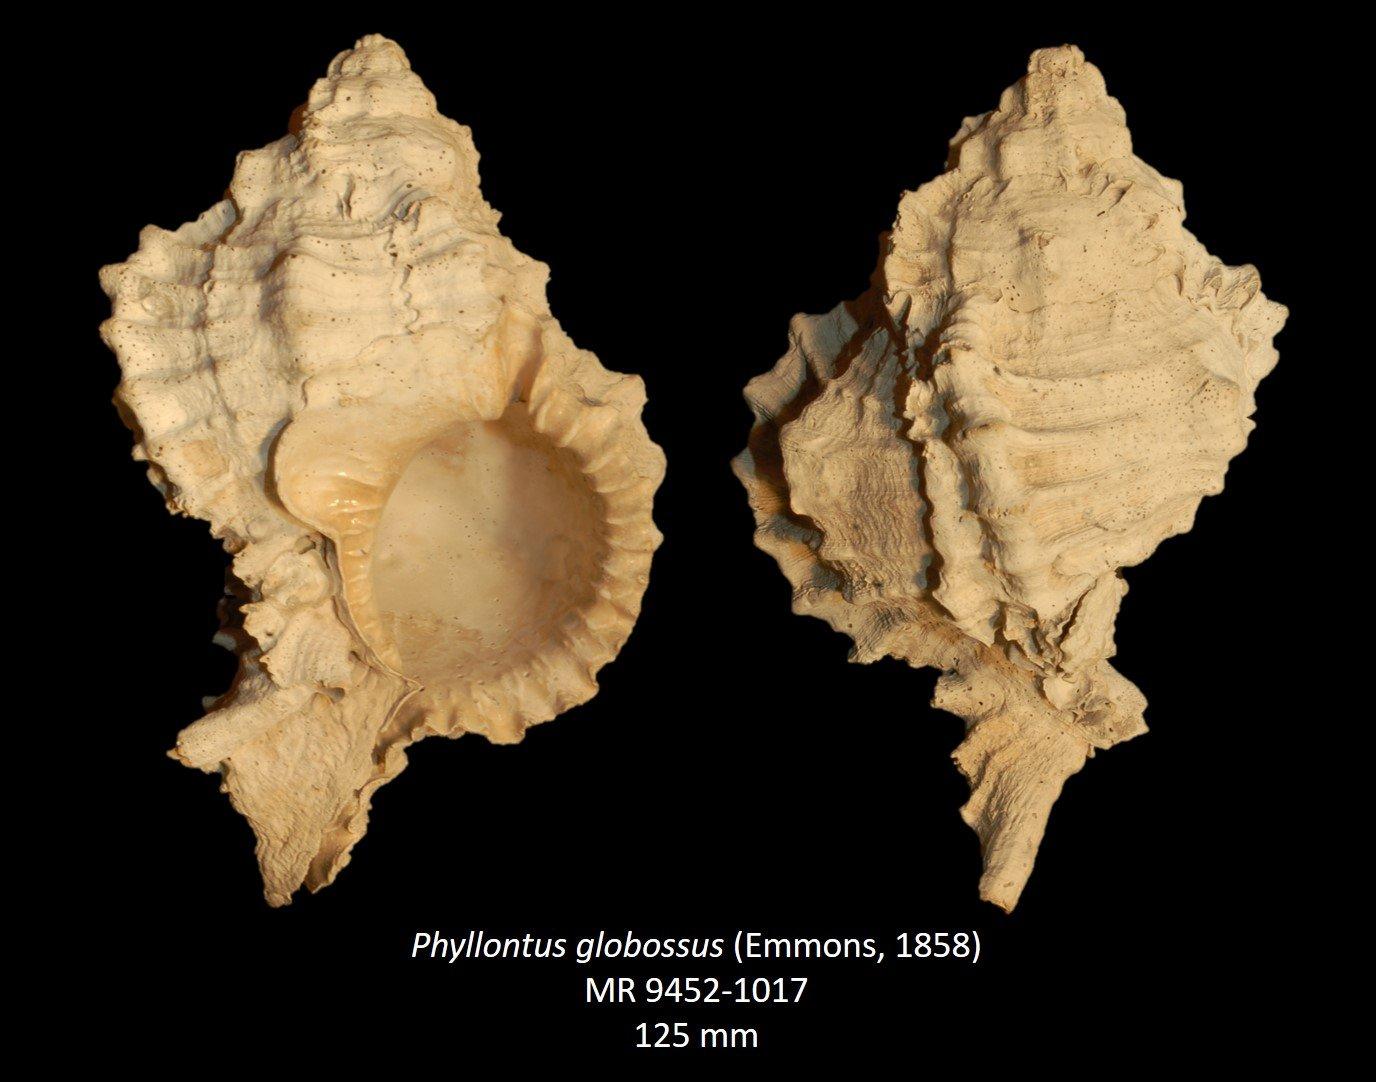 Phyllonotus globossus